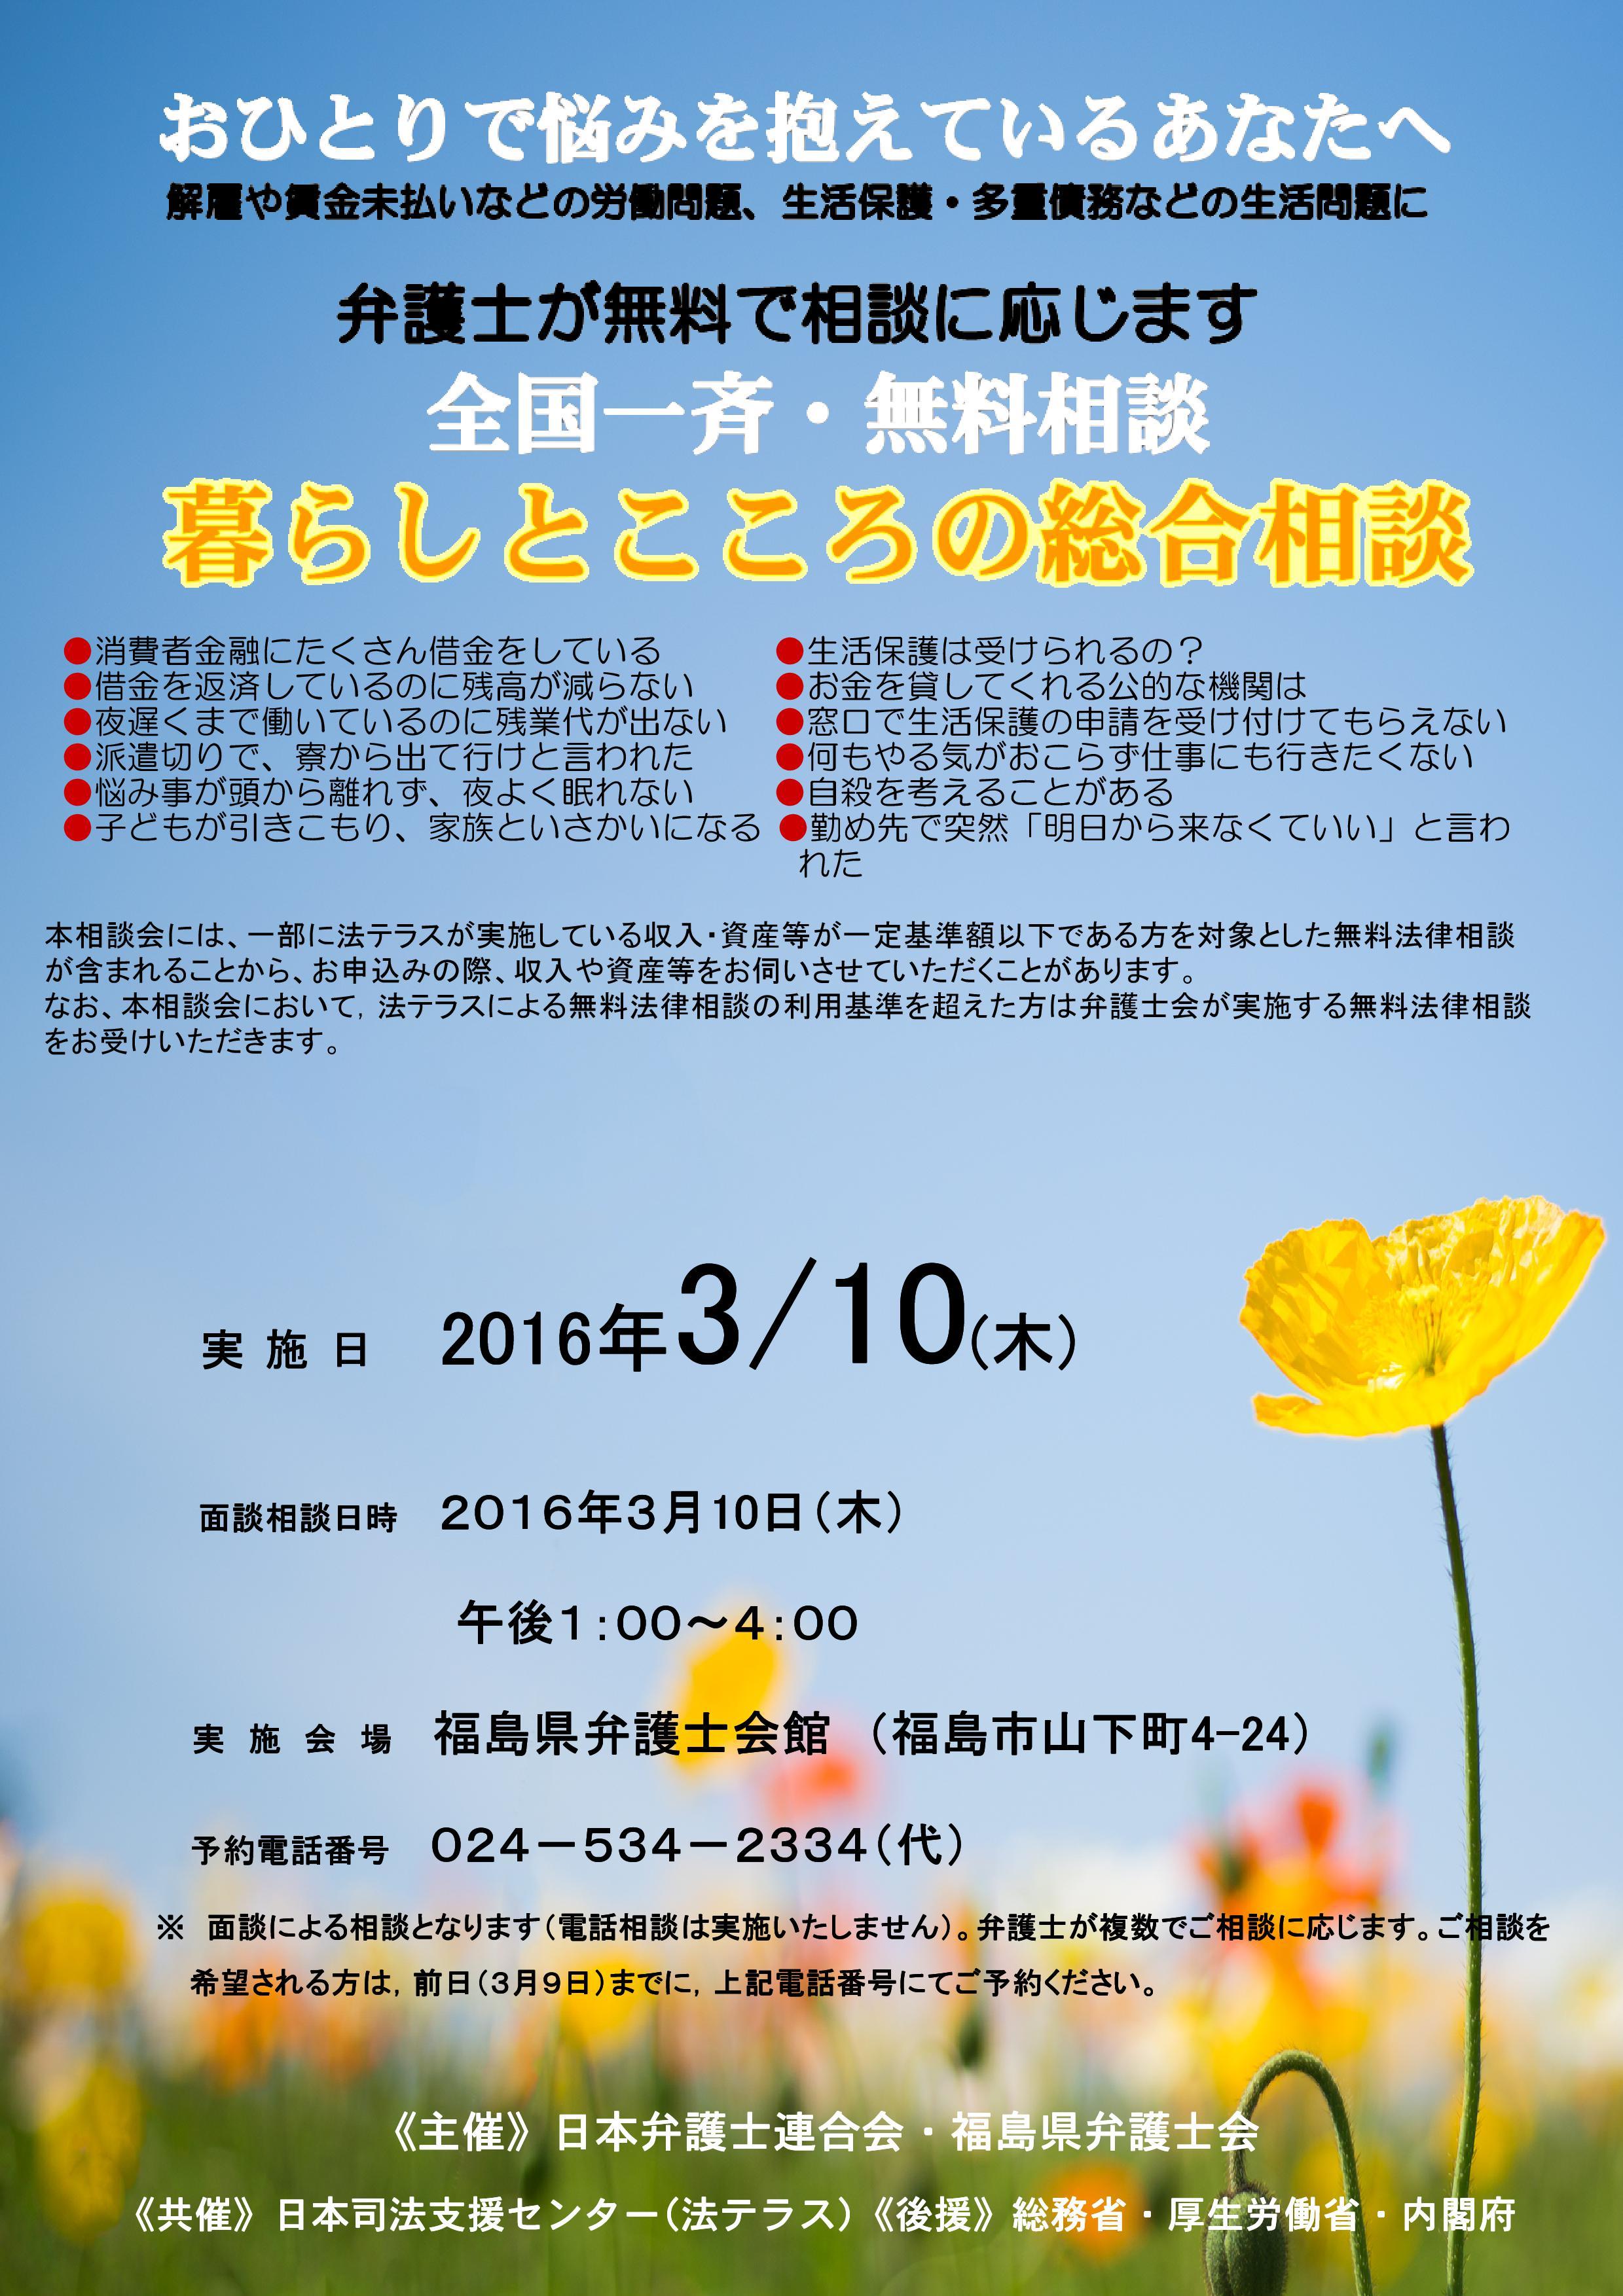 Microsoft Word - 【暮らしとこころの総合相談】チラシ(福島県)